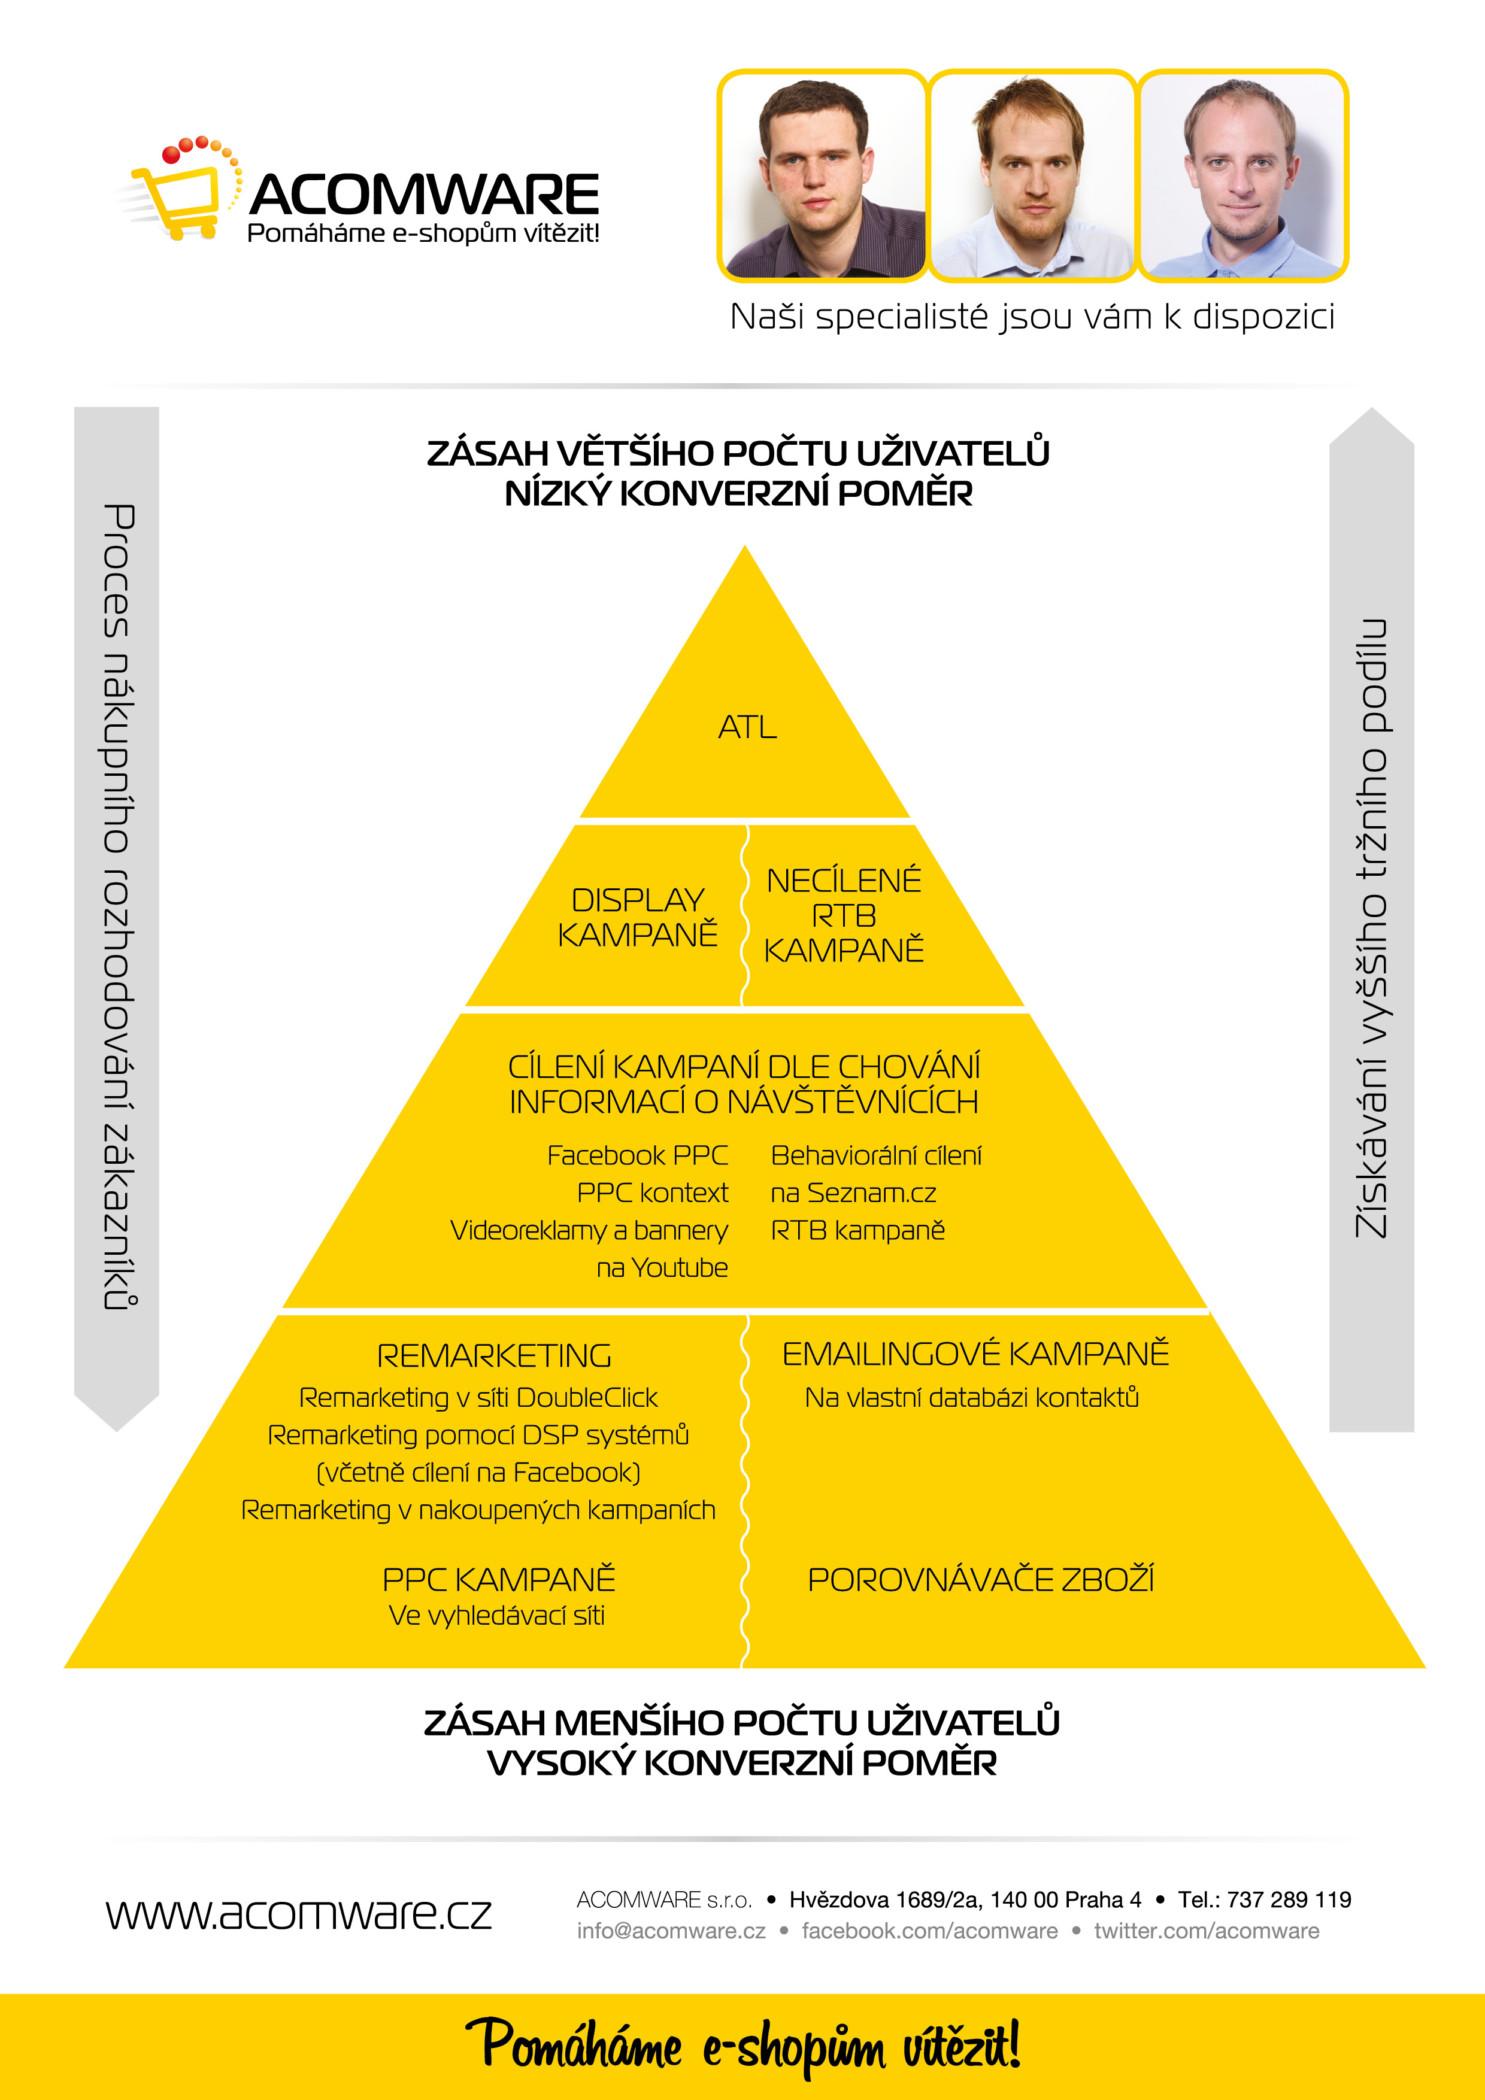 Přehledné rozdělení zdrojů podle konverznosti a zásahu uživatele - pyramida